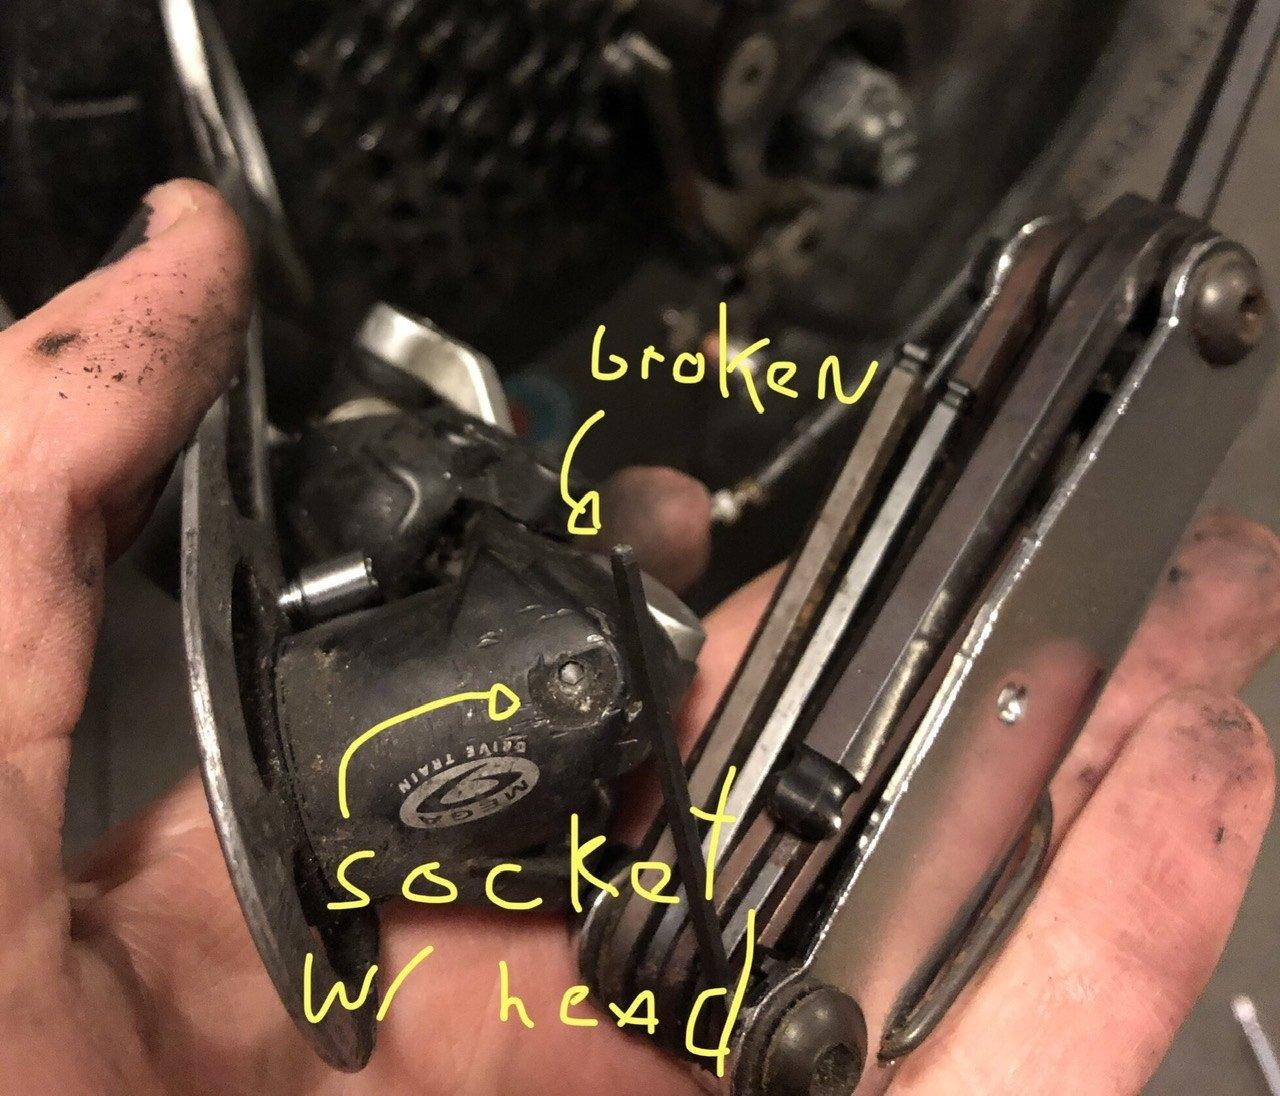 Derailleur with broken head inside hex key socket